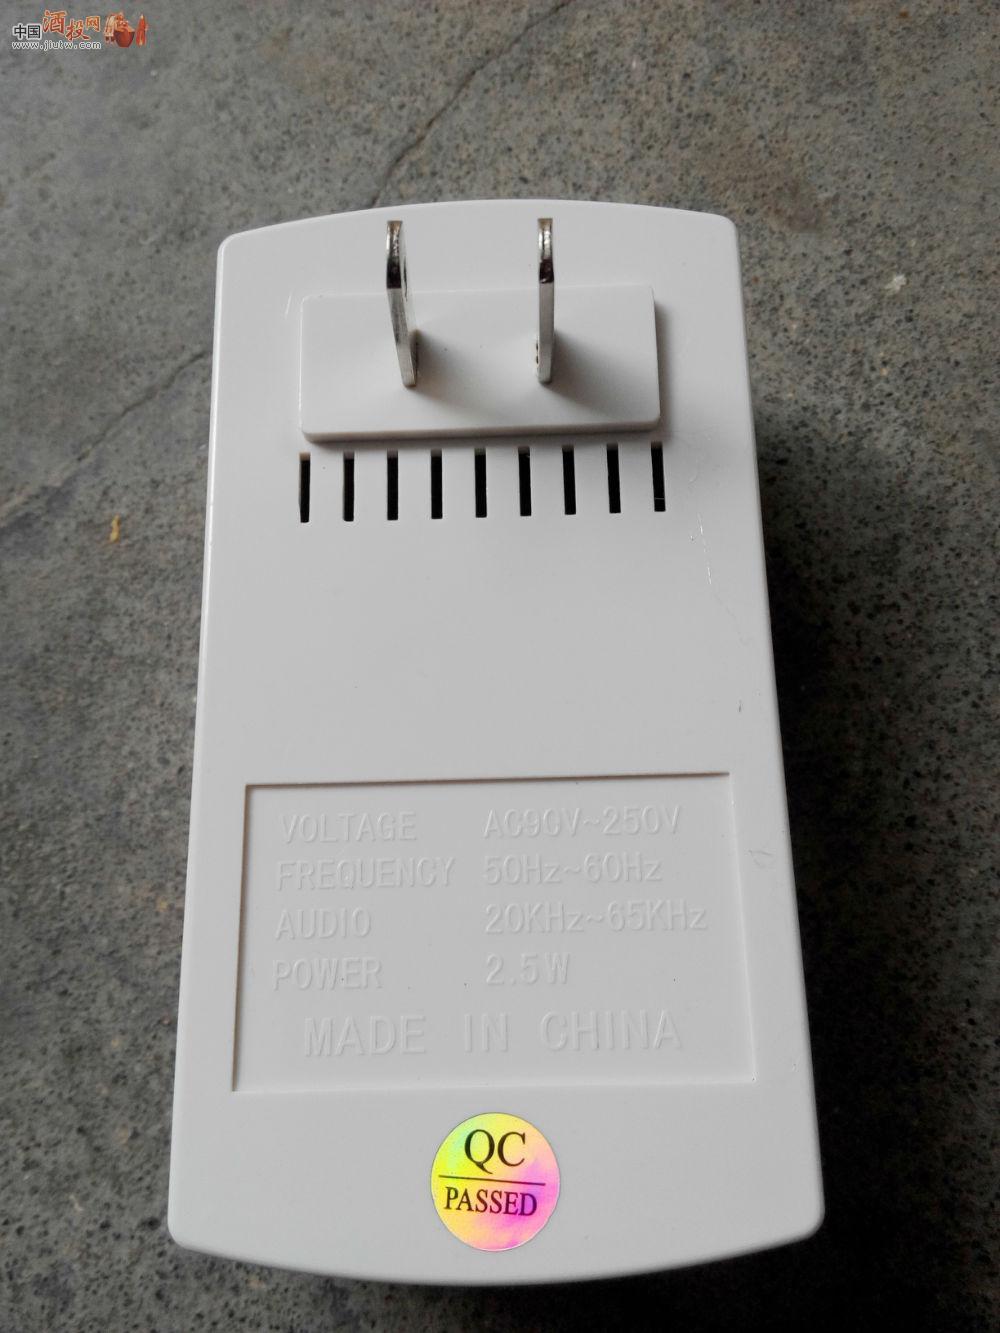 [已售]超声波电子驱蚊驱虫驱老鼠